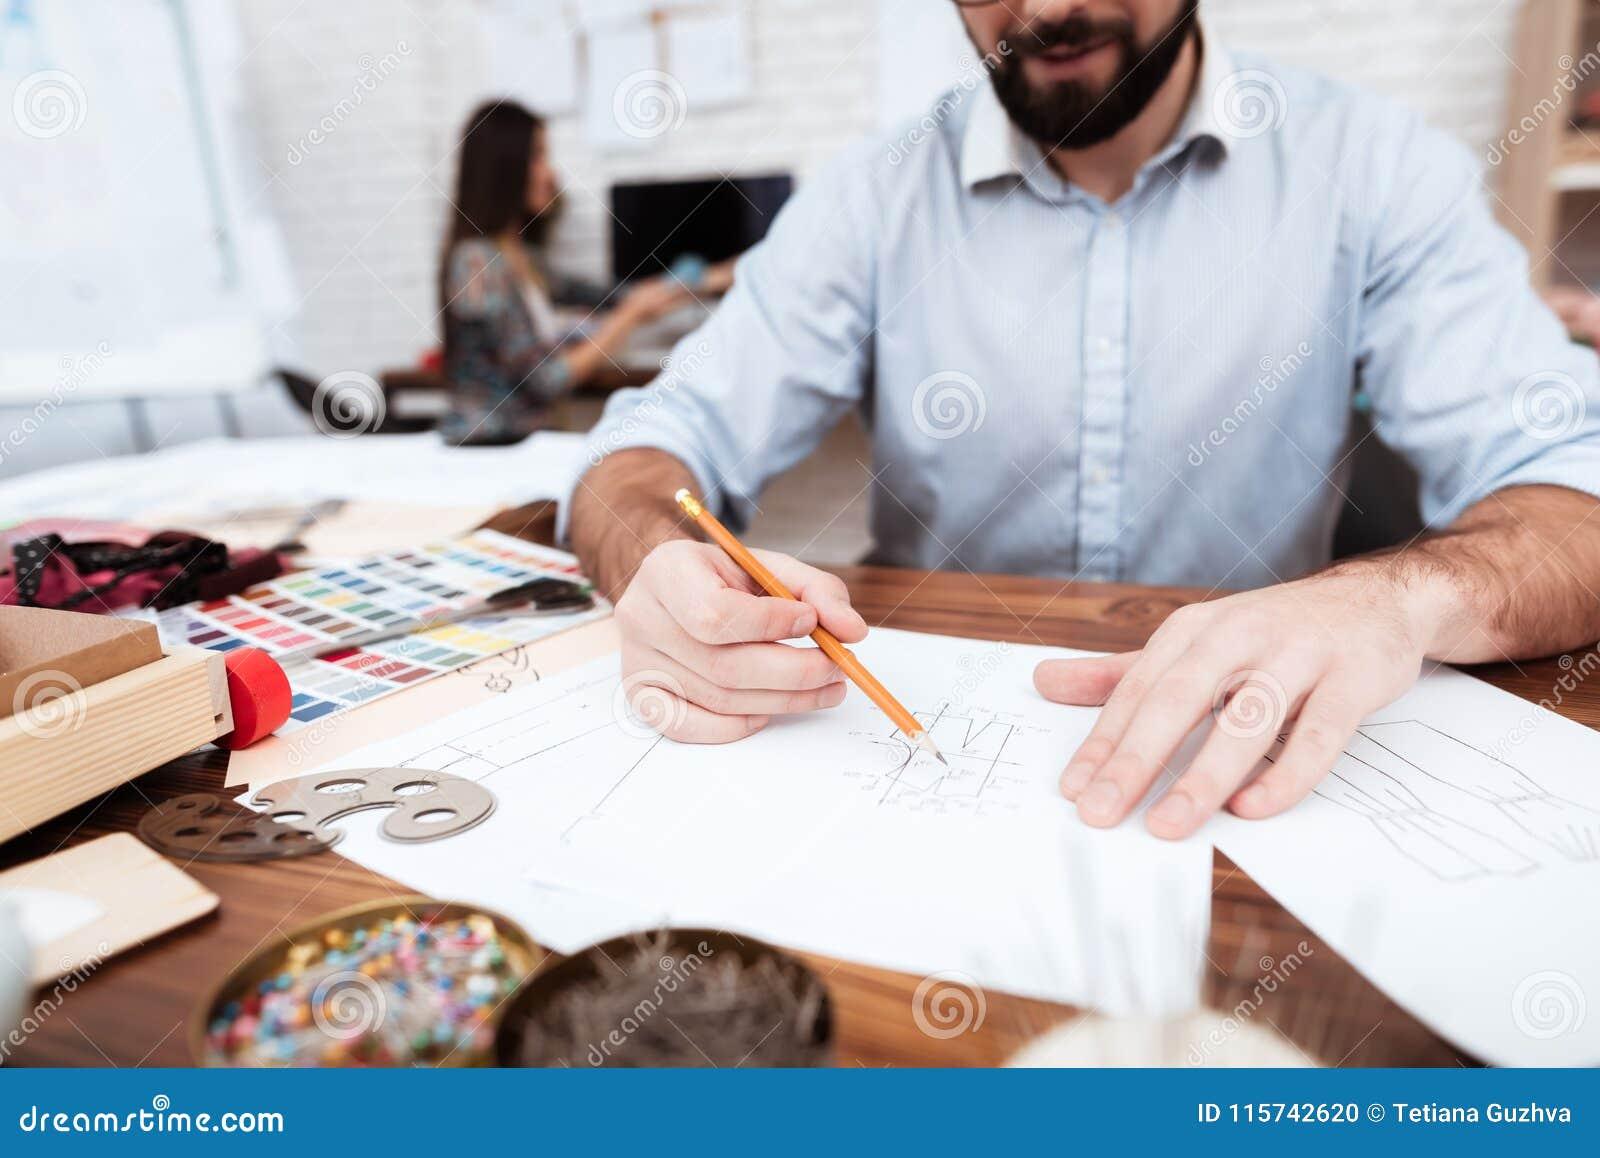 Zwei Modedesigner, die auf Papier zeichnen